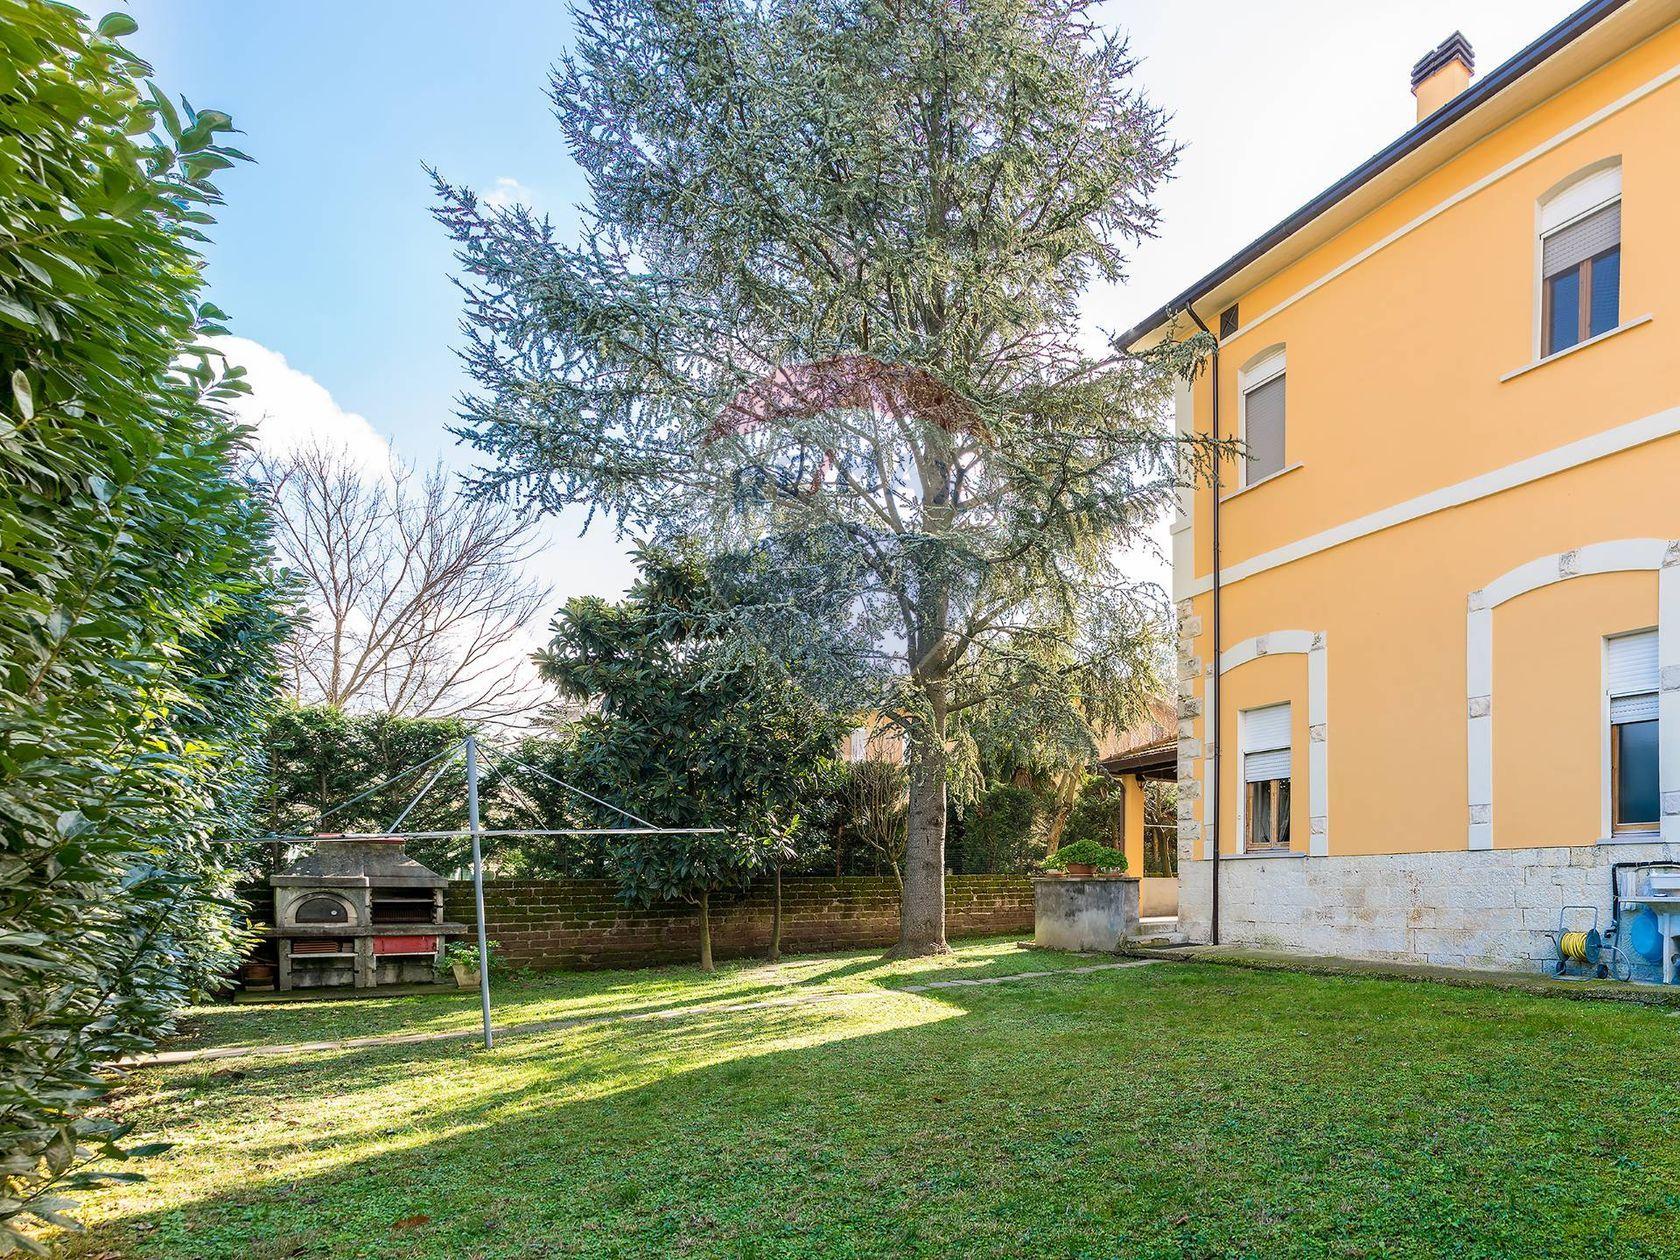 Casa Semindipendente Piano d'Orta, Bolognano, PE Vendita - Foto 2